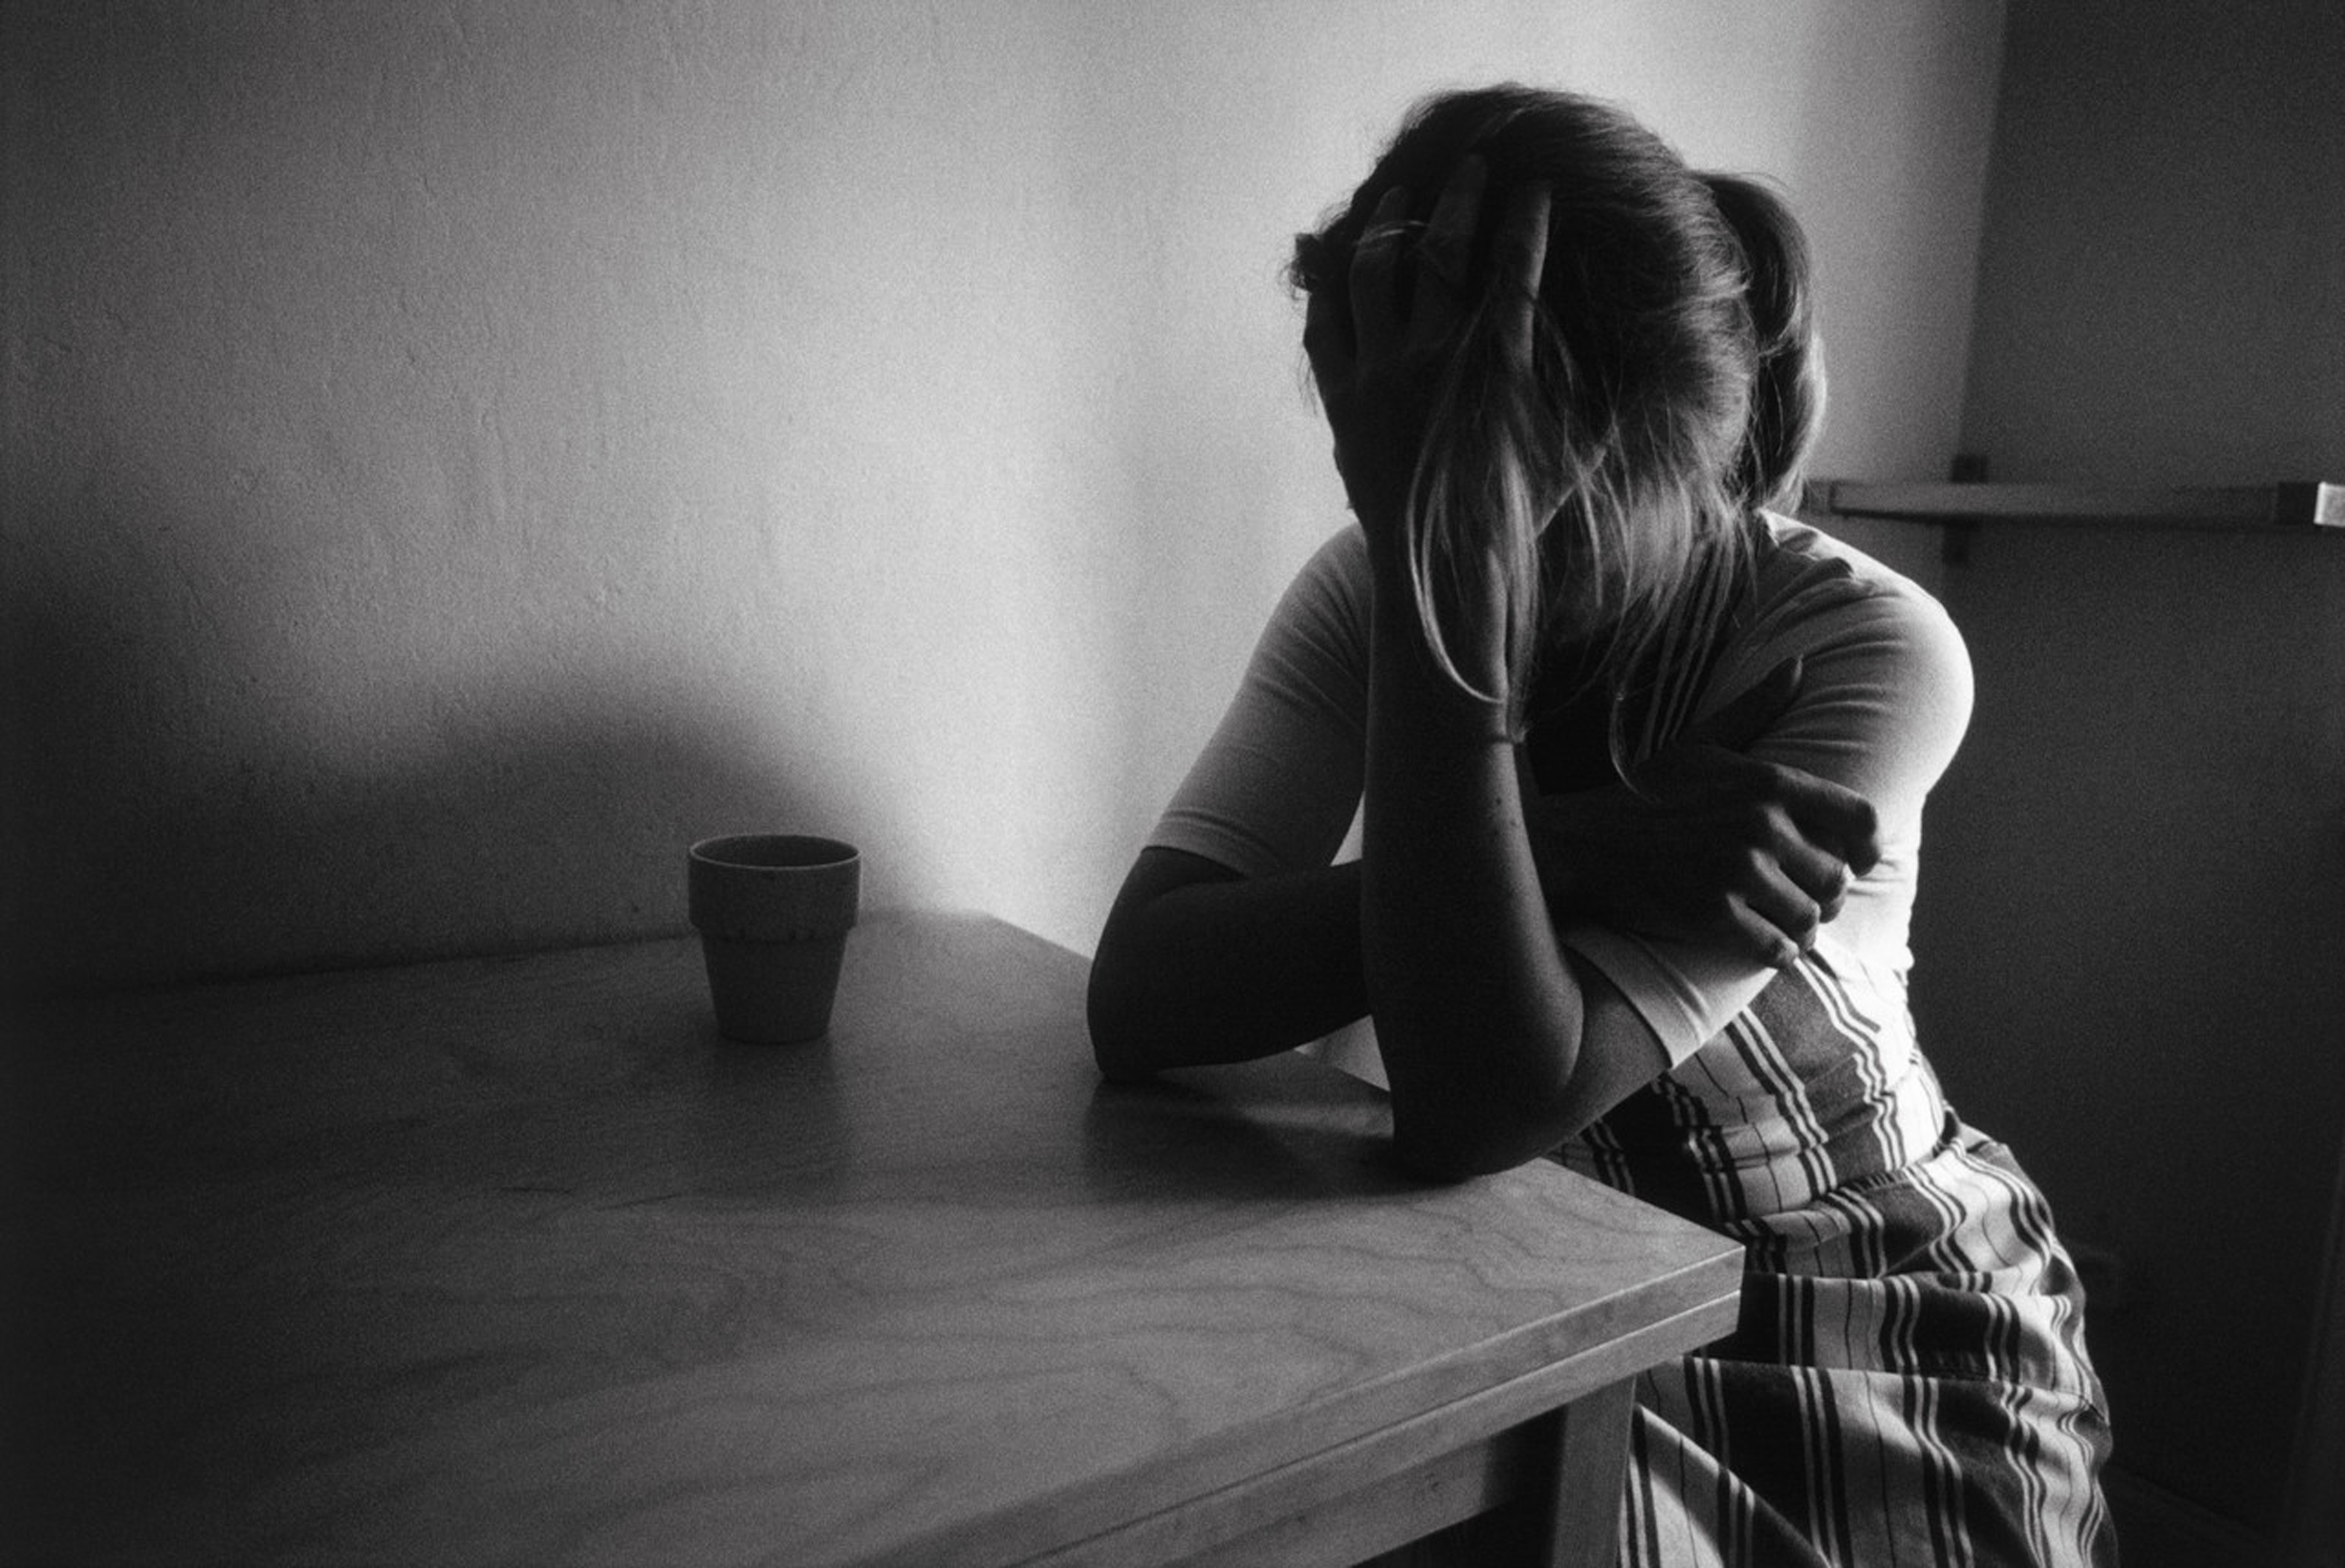 Одиночество слезы картинки